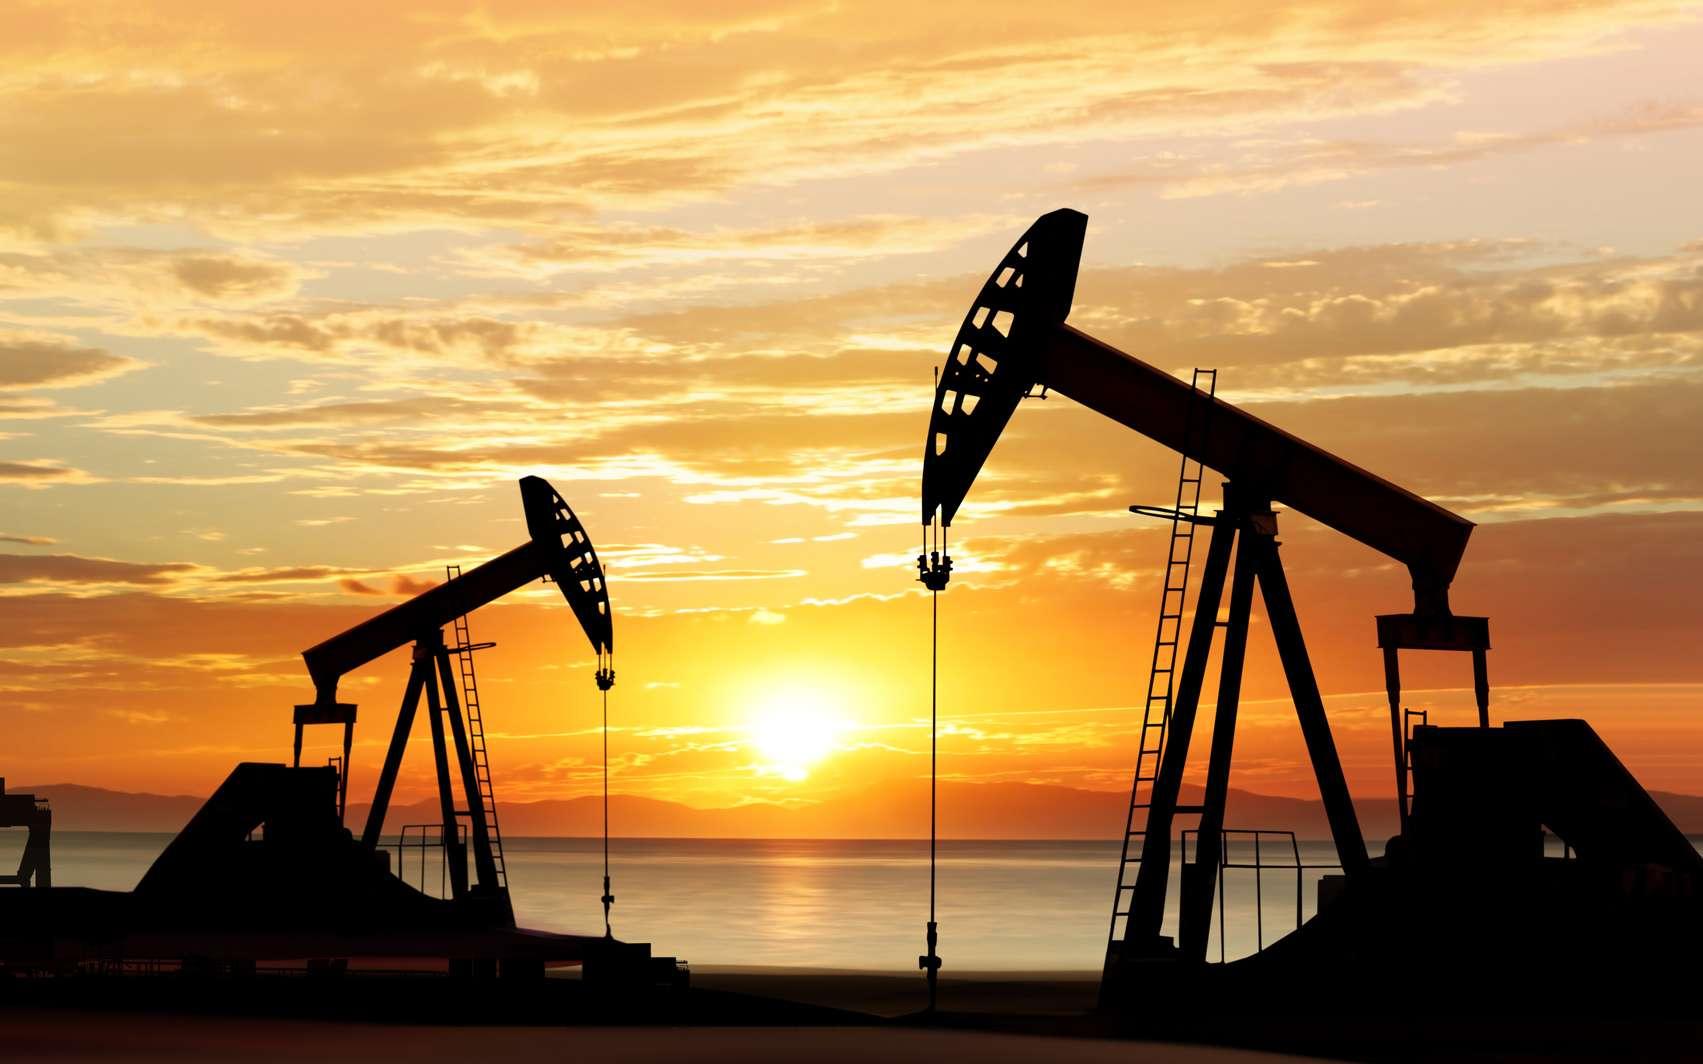 Avant de pouvoir être pompé, le pétrole doit lentement se former dans les entrailles de la terre. © Sergiy Serdyuk, Fotolia